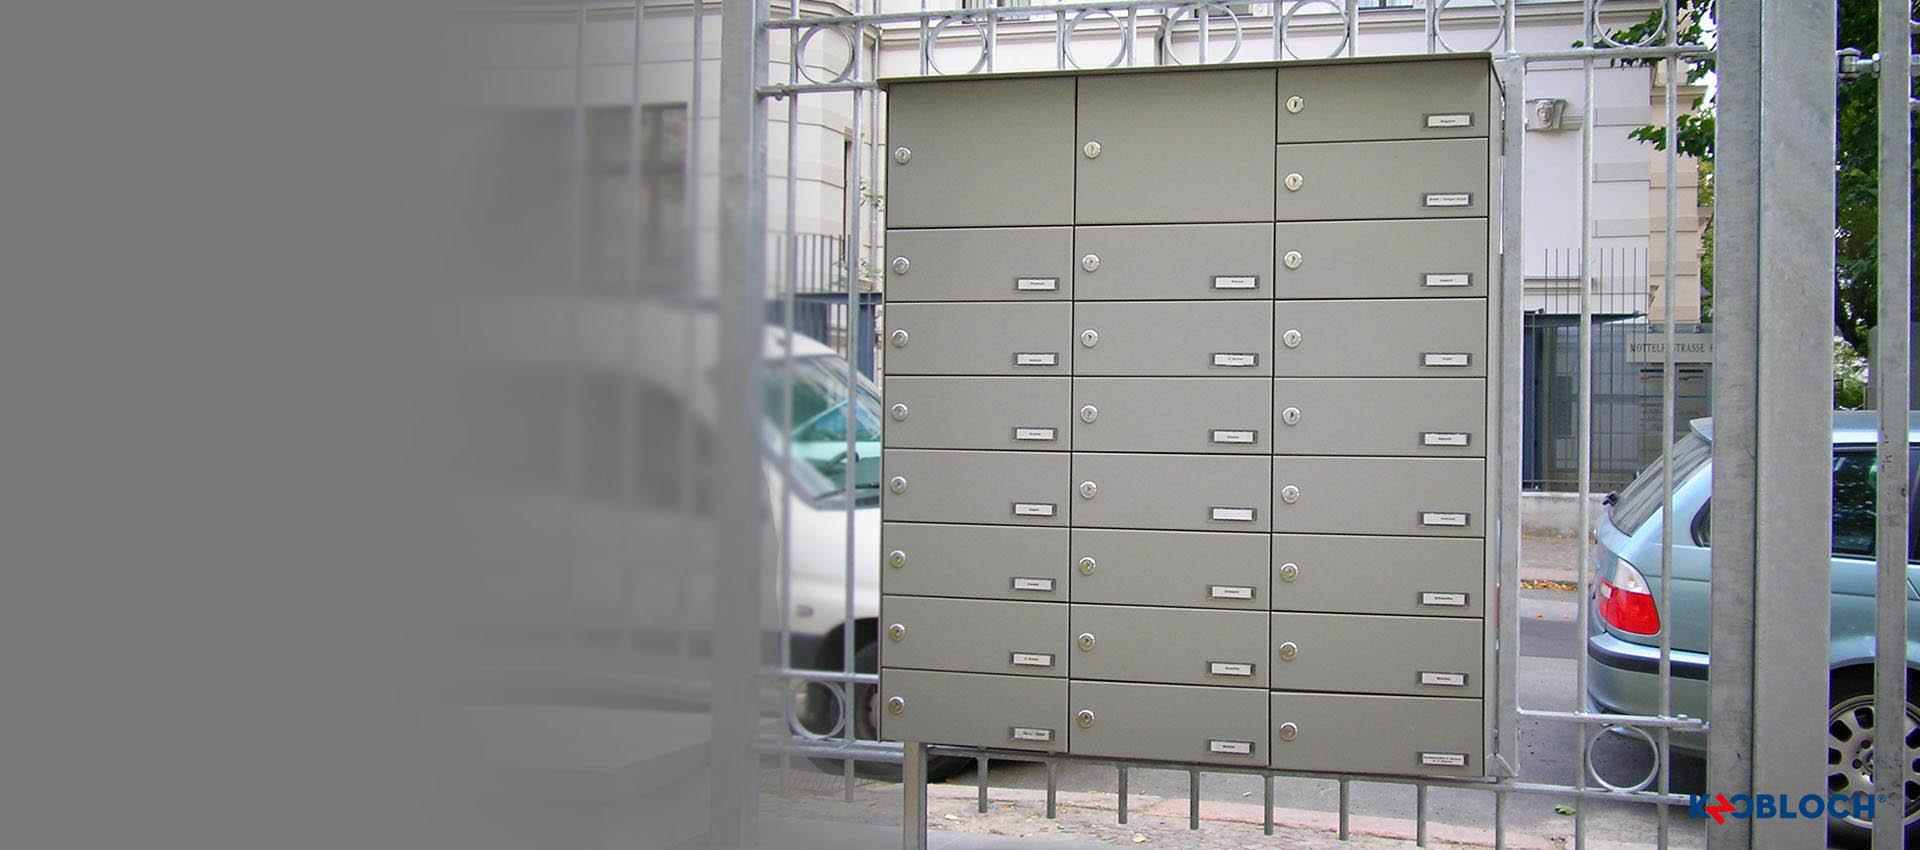 Briefkastenkonfigurator Fur Knobloch Briefkasten